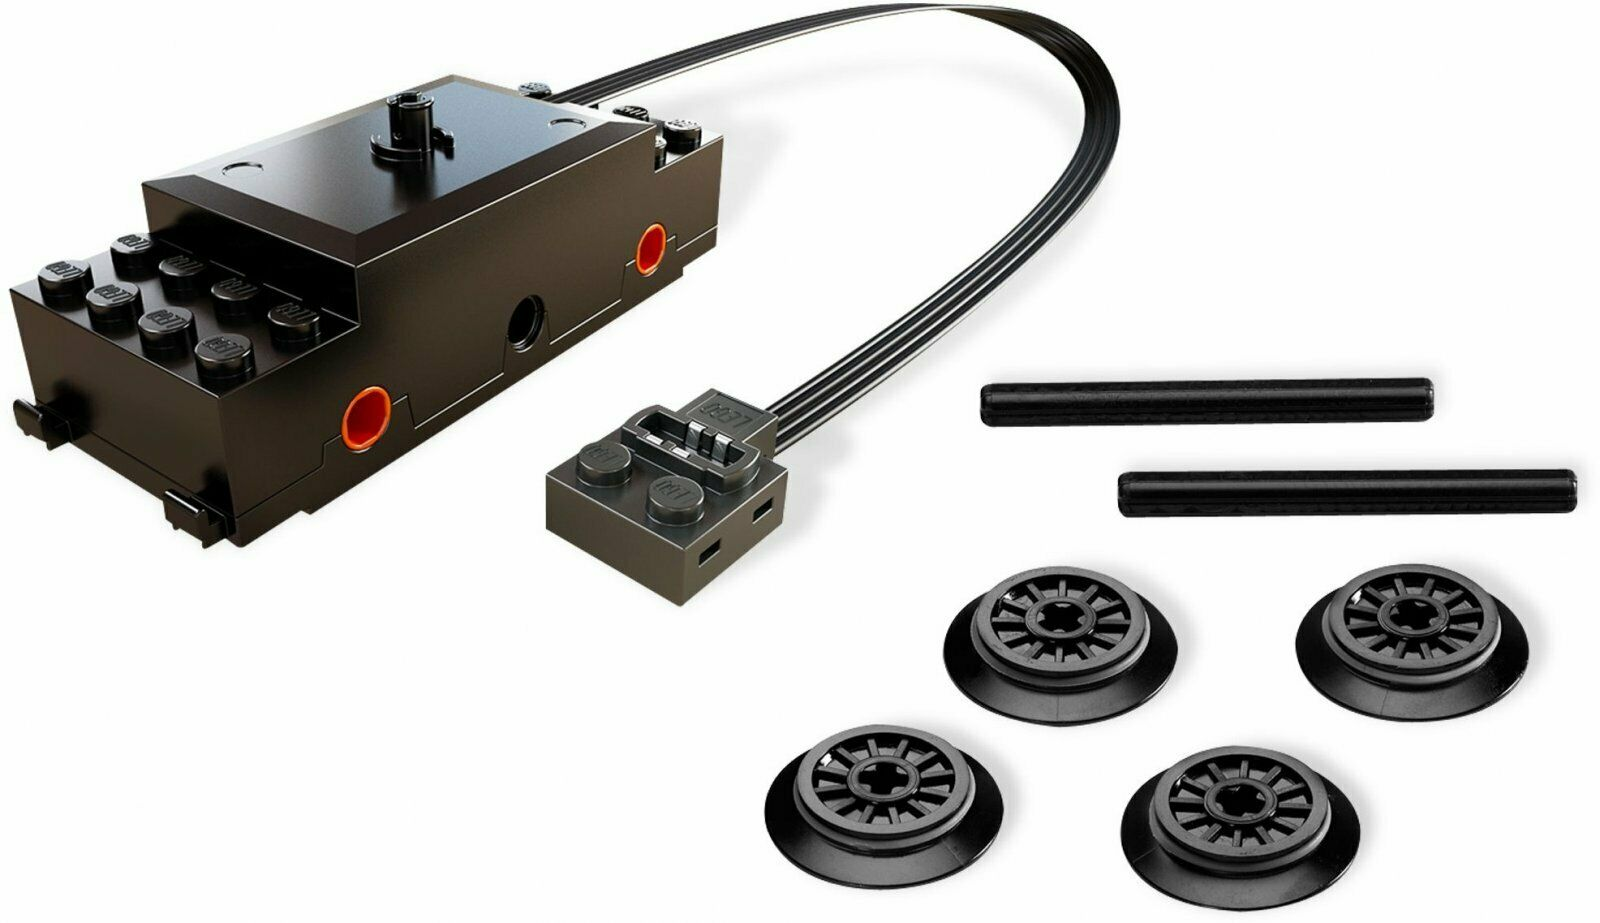 ☆勳寶玩具舖【現貨】LEGO 樂高 科技系列 Technical 88002 火車動力馬達輪軸組 Train Motor